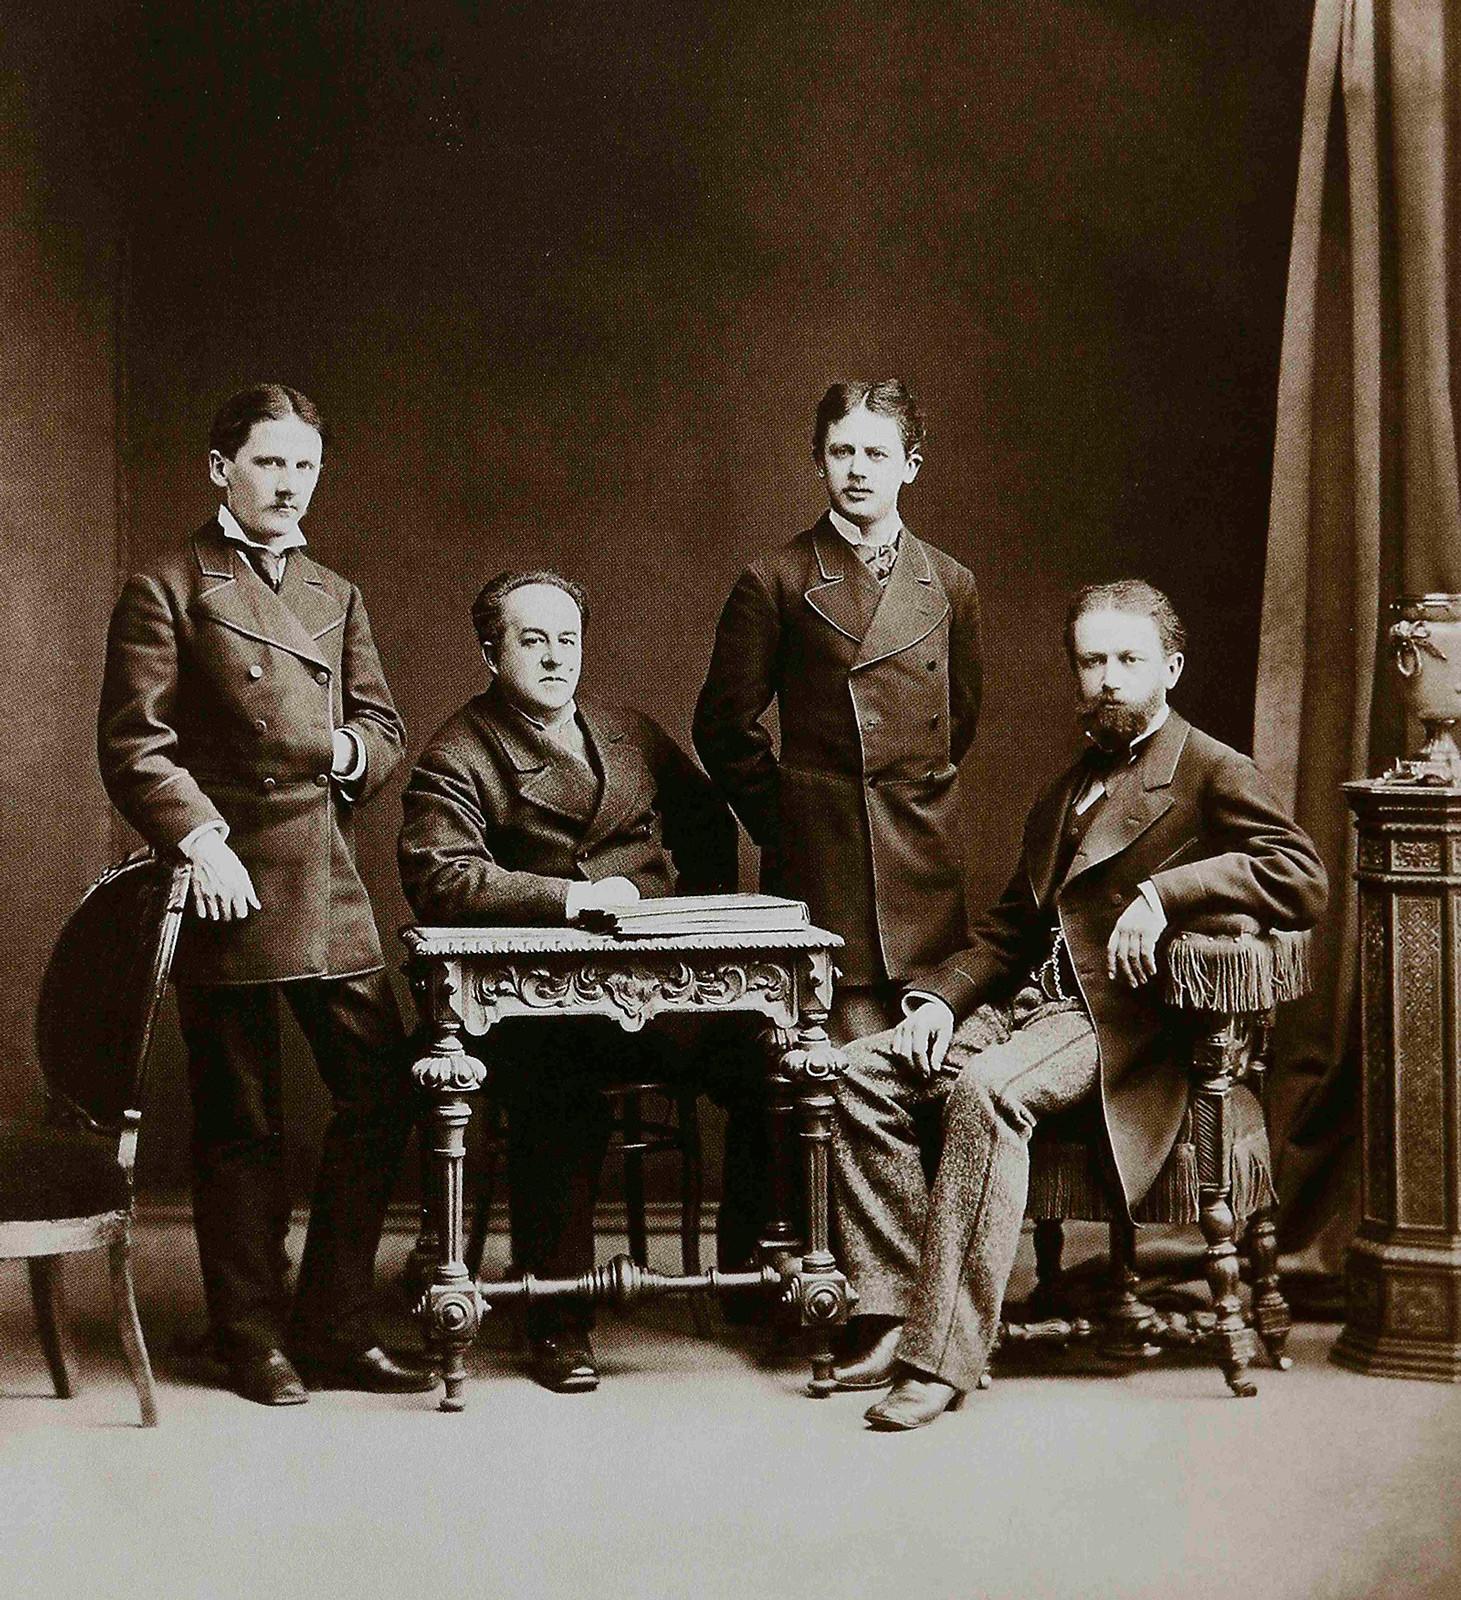 Петар Иљич Чајковски (десно) са својом браћом Модестом и Анатолијем и Н. Д. Кондратјевом, 1875.